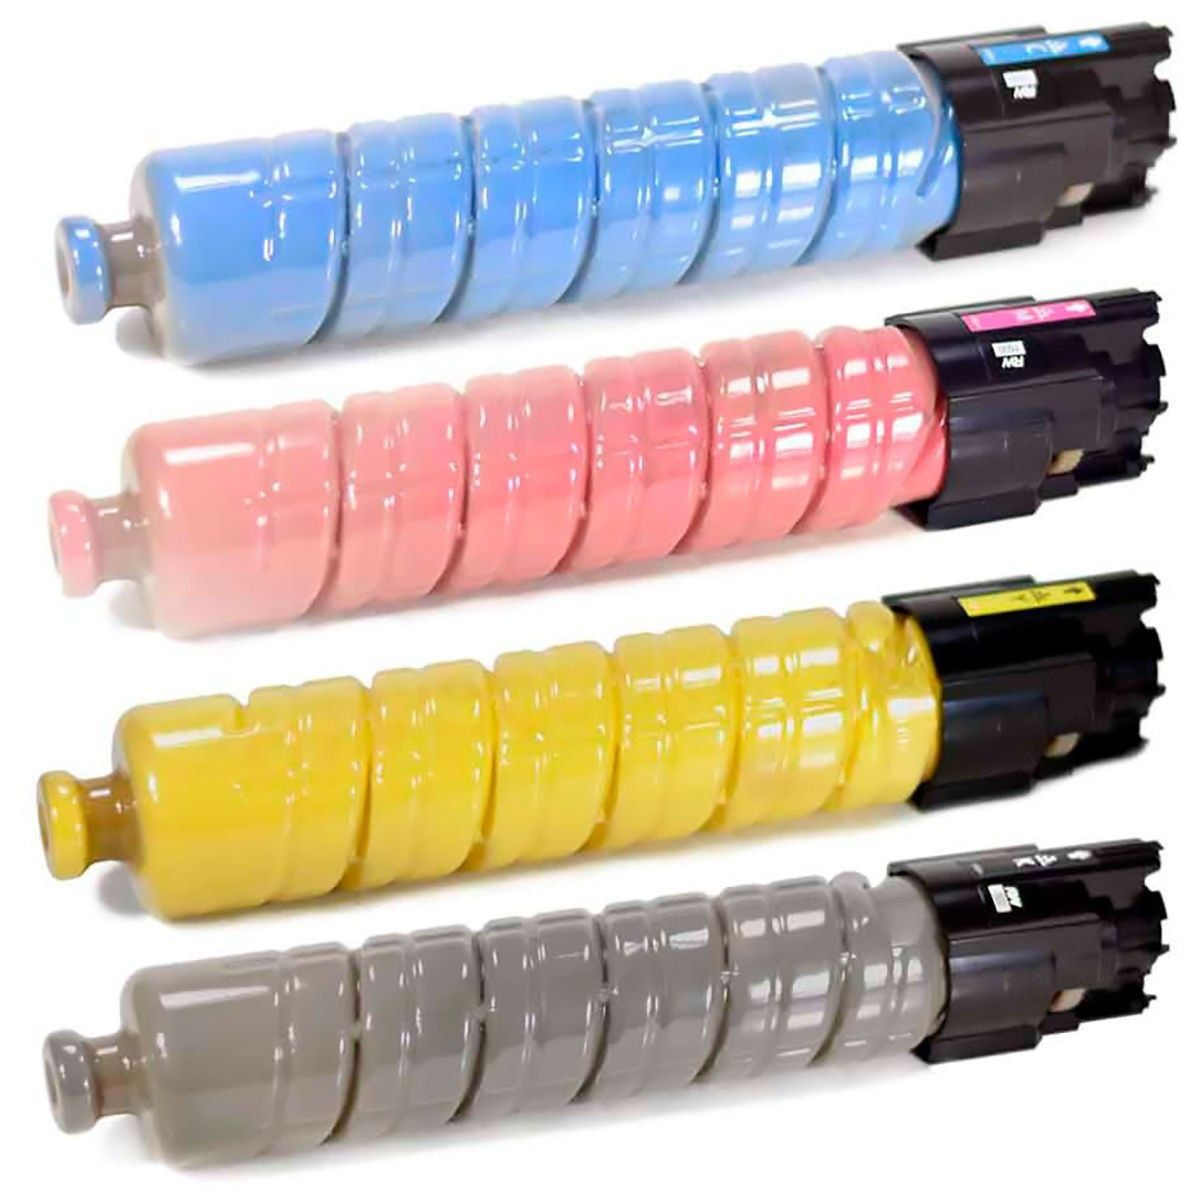 Compatível: Kit Colorido de Toner C430A para Ricoh SPC430 C431 C430dn C431dn C440dn SPC430 SPC431 SPC430dn C430